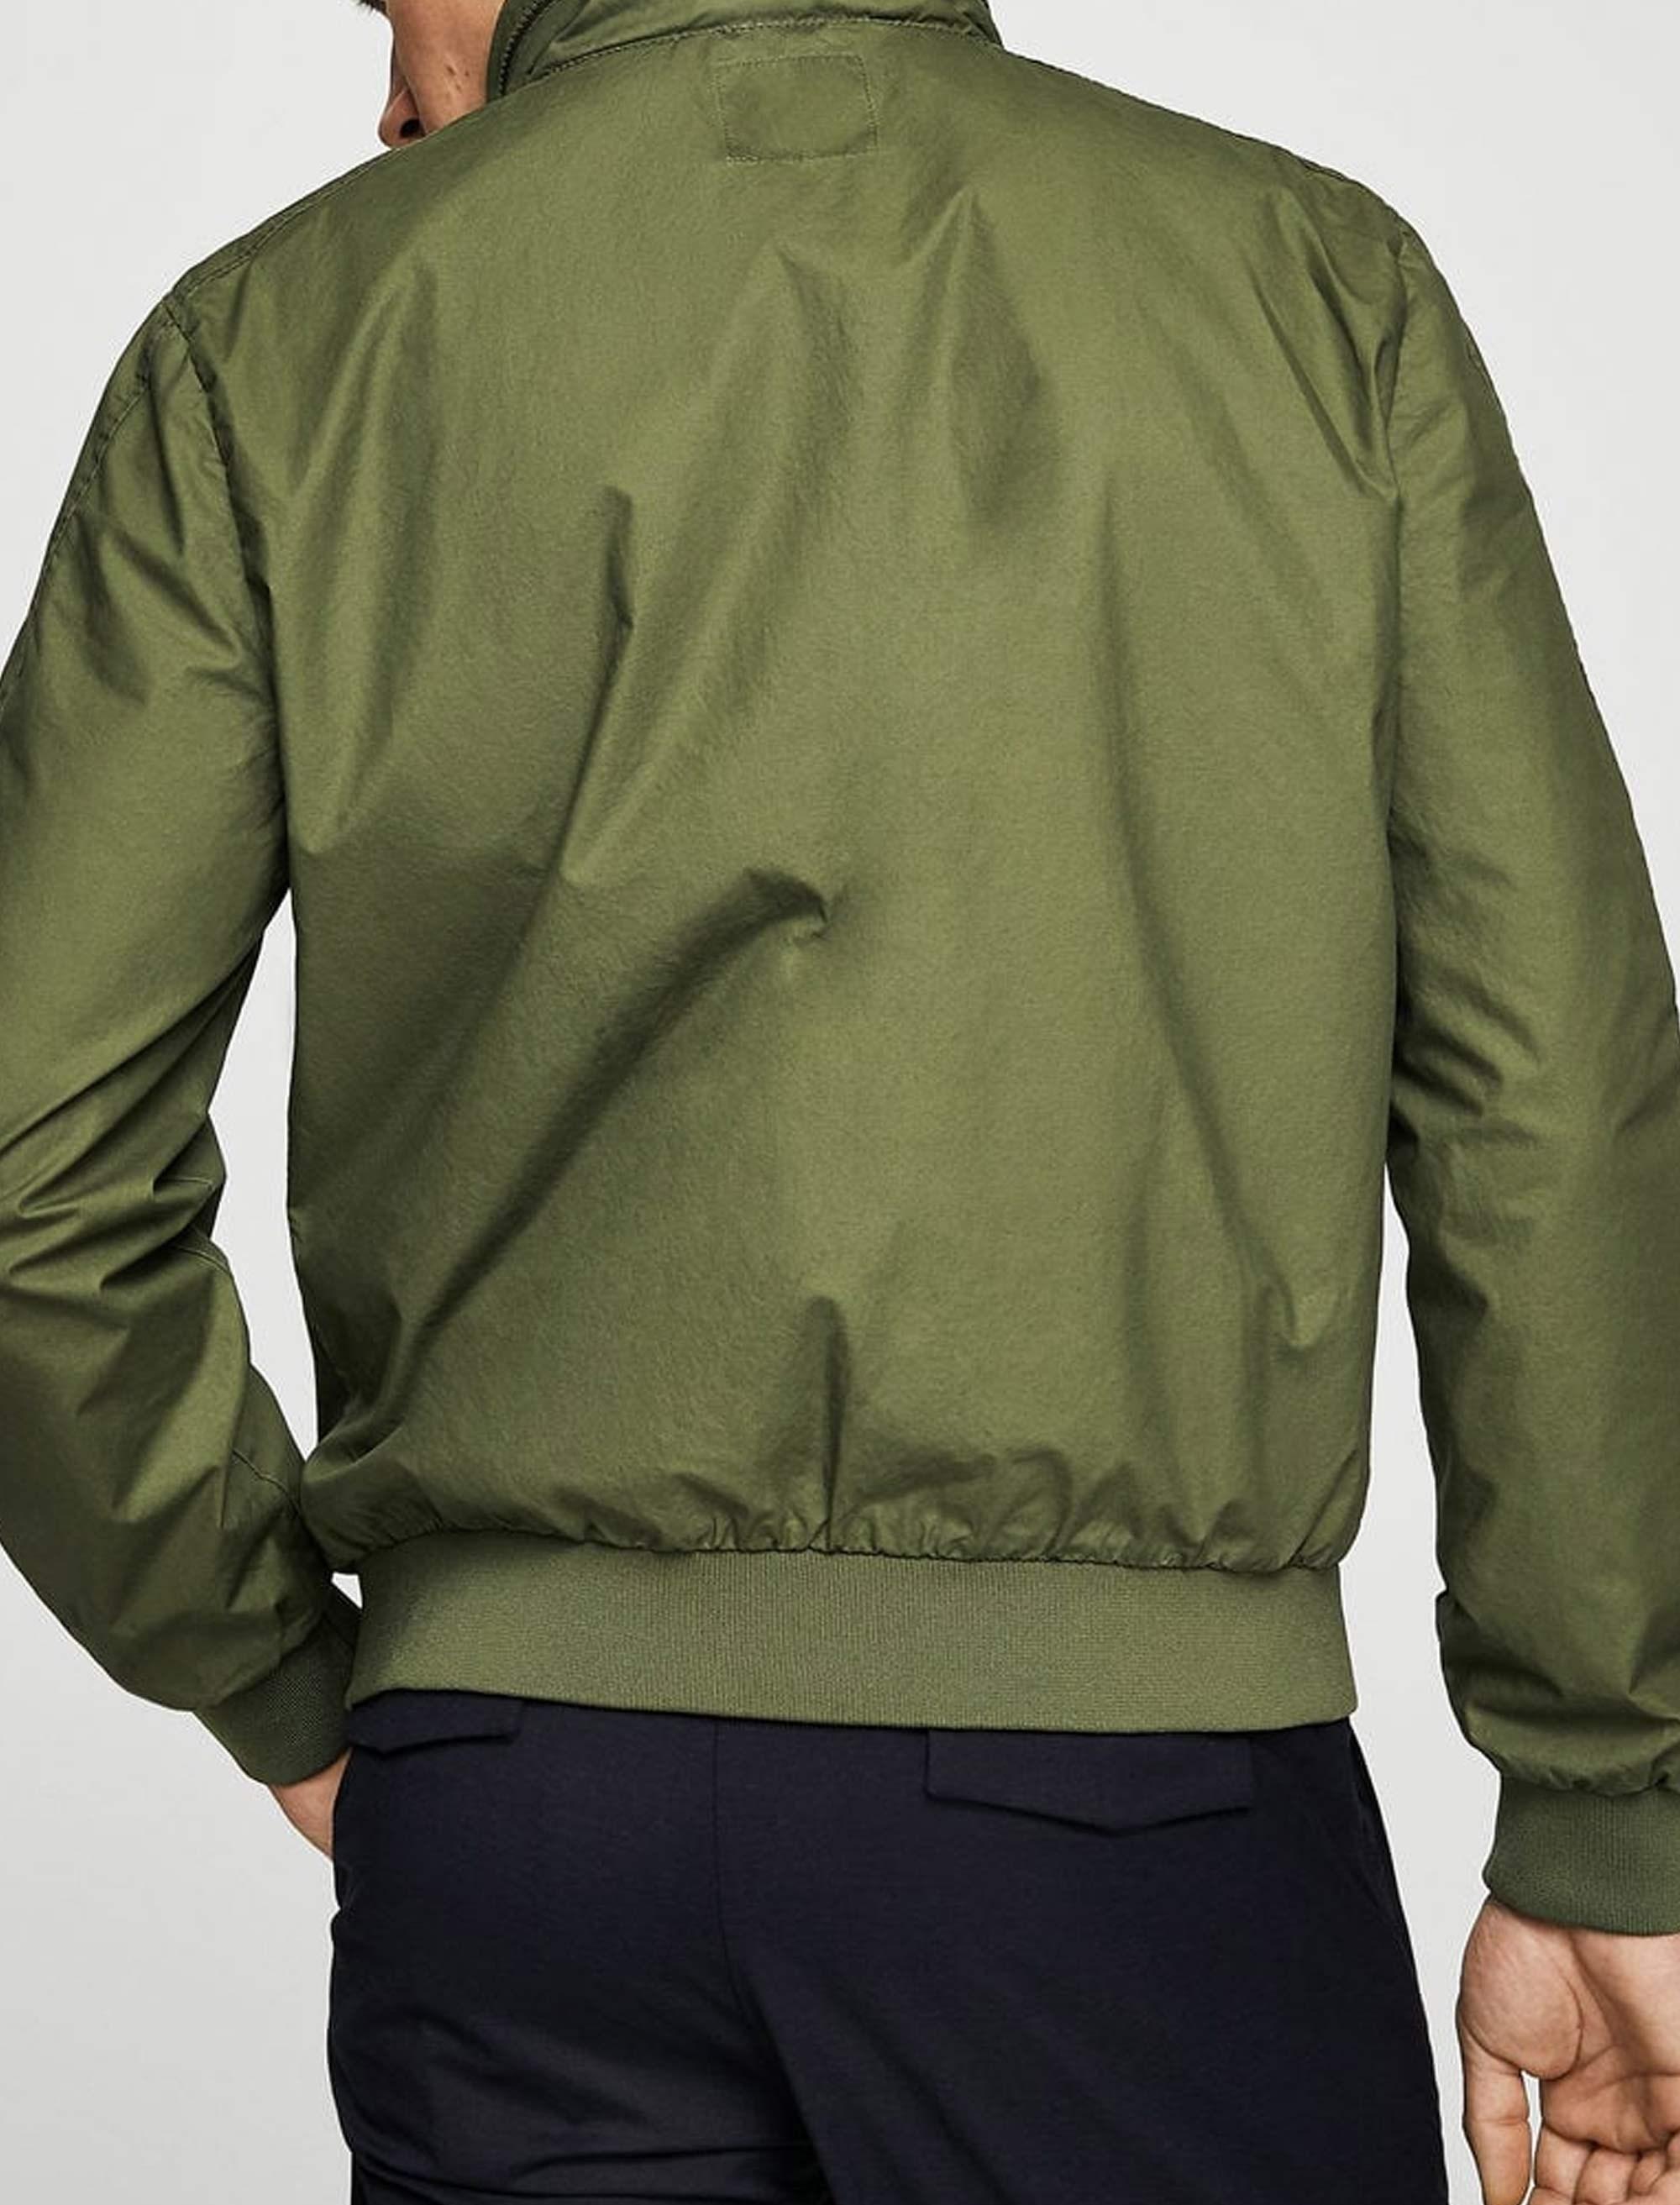 کاپشن نخی کوتاه مردانه - سبز  - 3